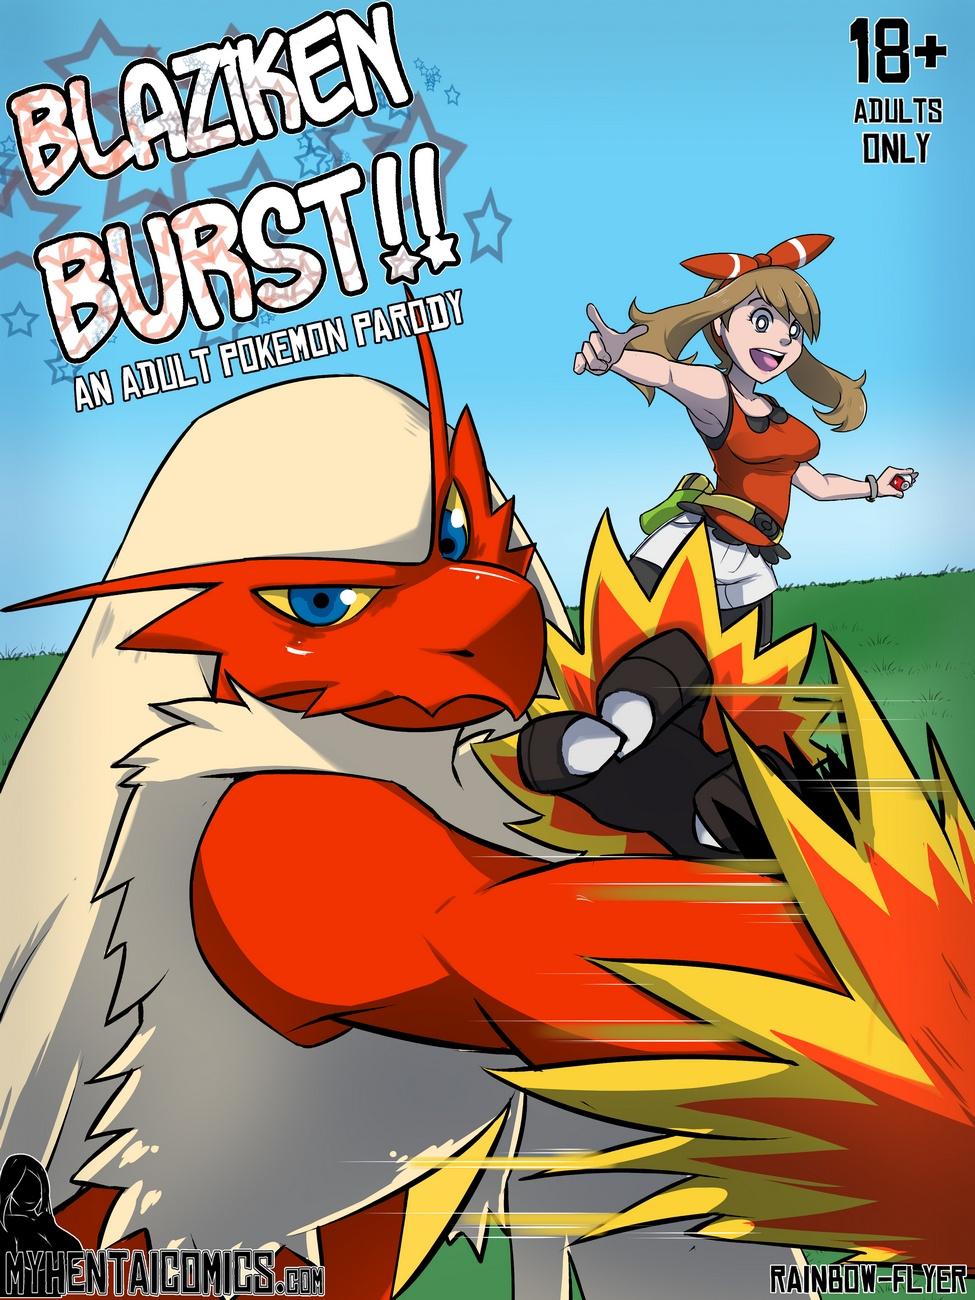 Goodcomix Pokemon - [Rainbow Flyer] - Blaziken Burst!!